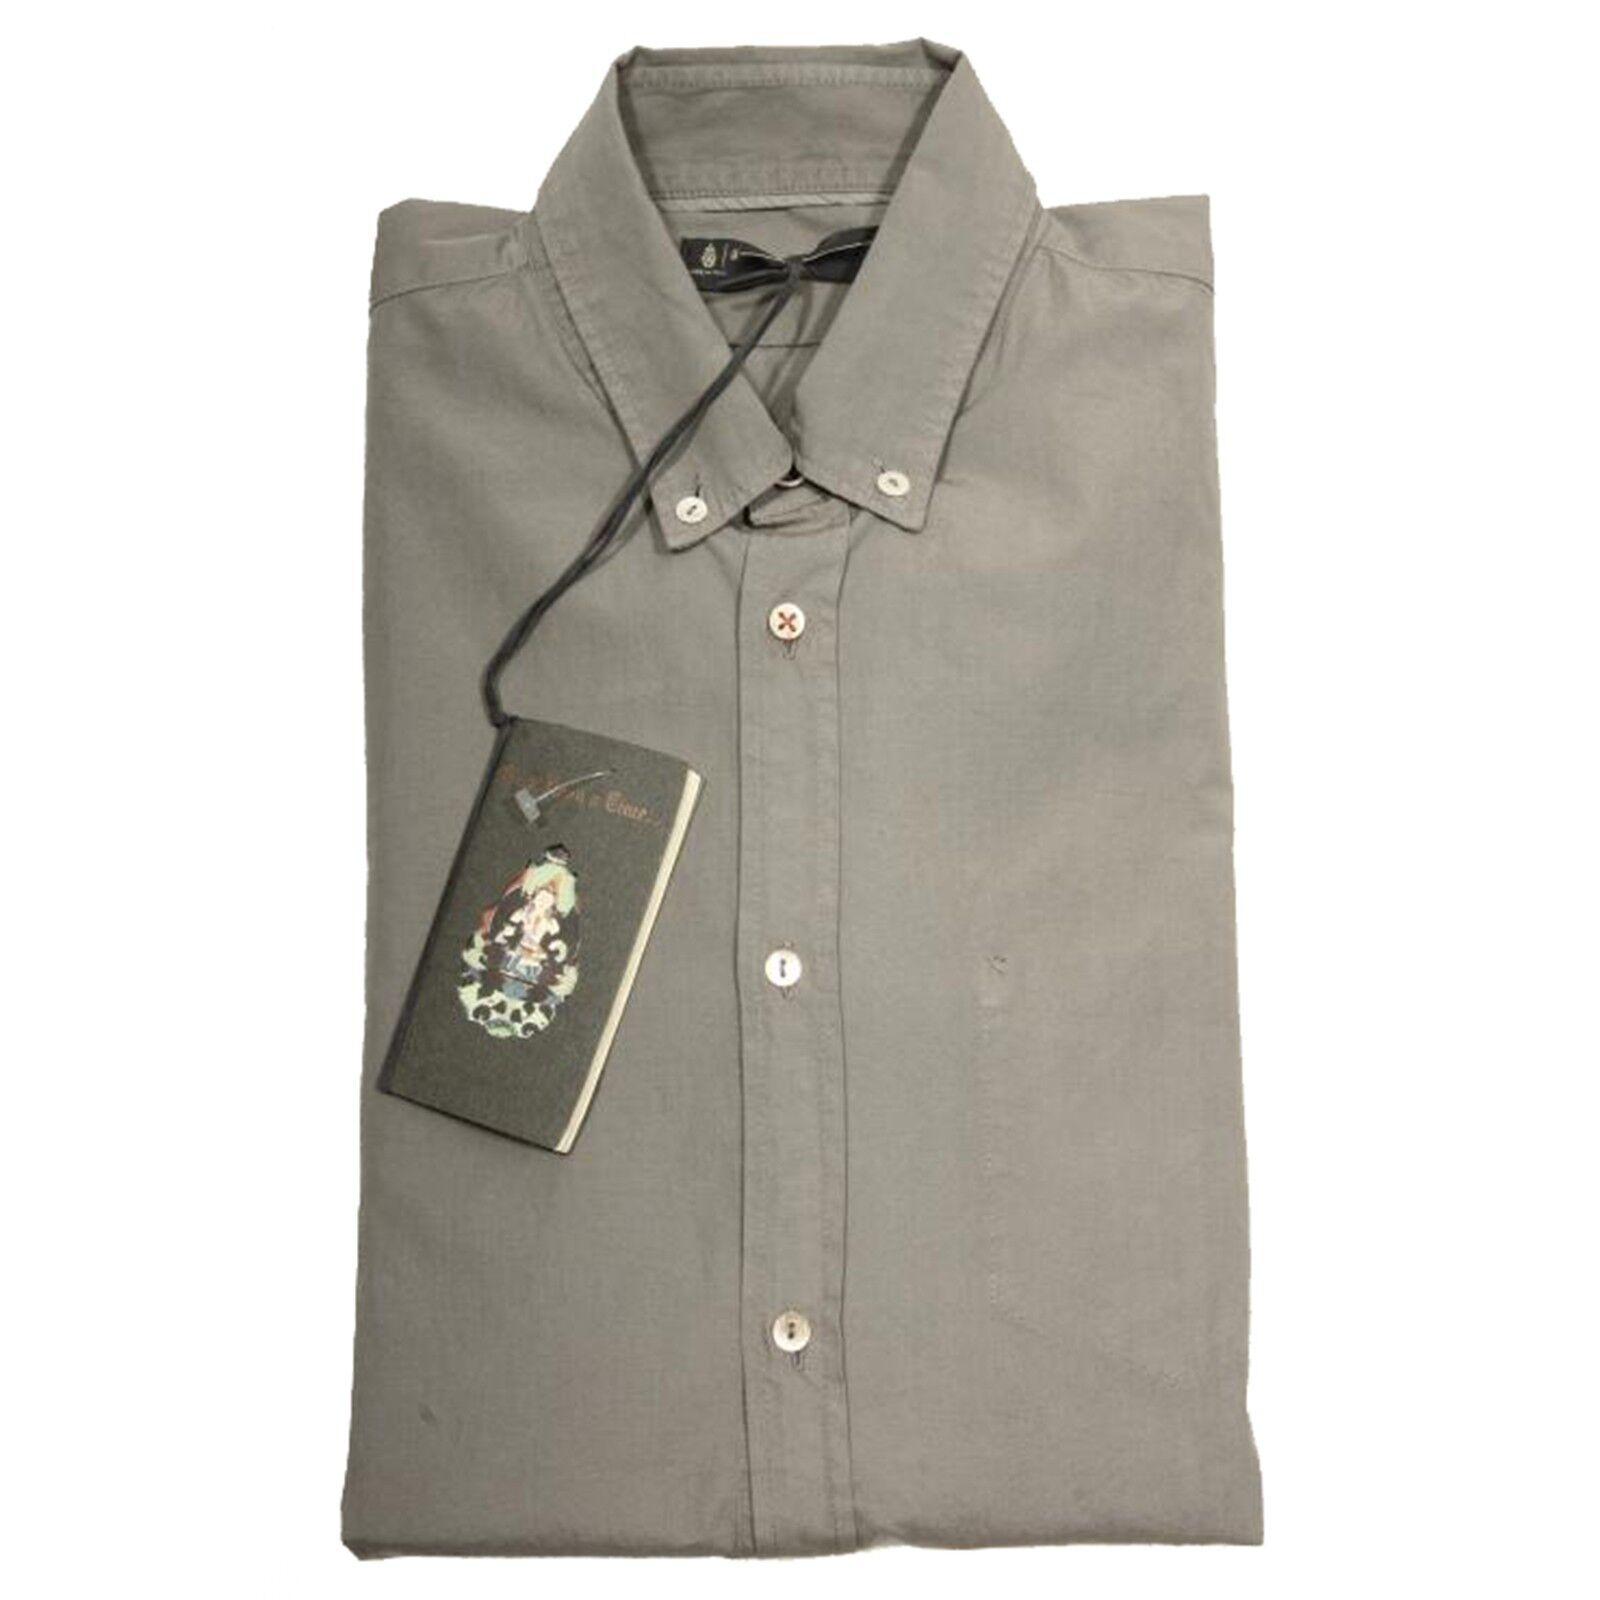 40748 camicia DONDUP camicie uomo shirt Uomo  grigia